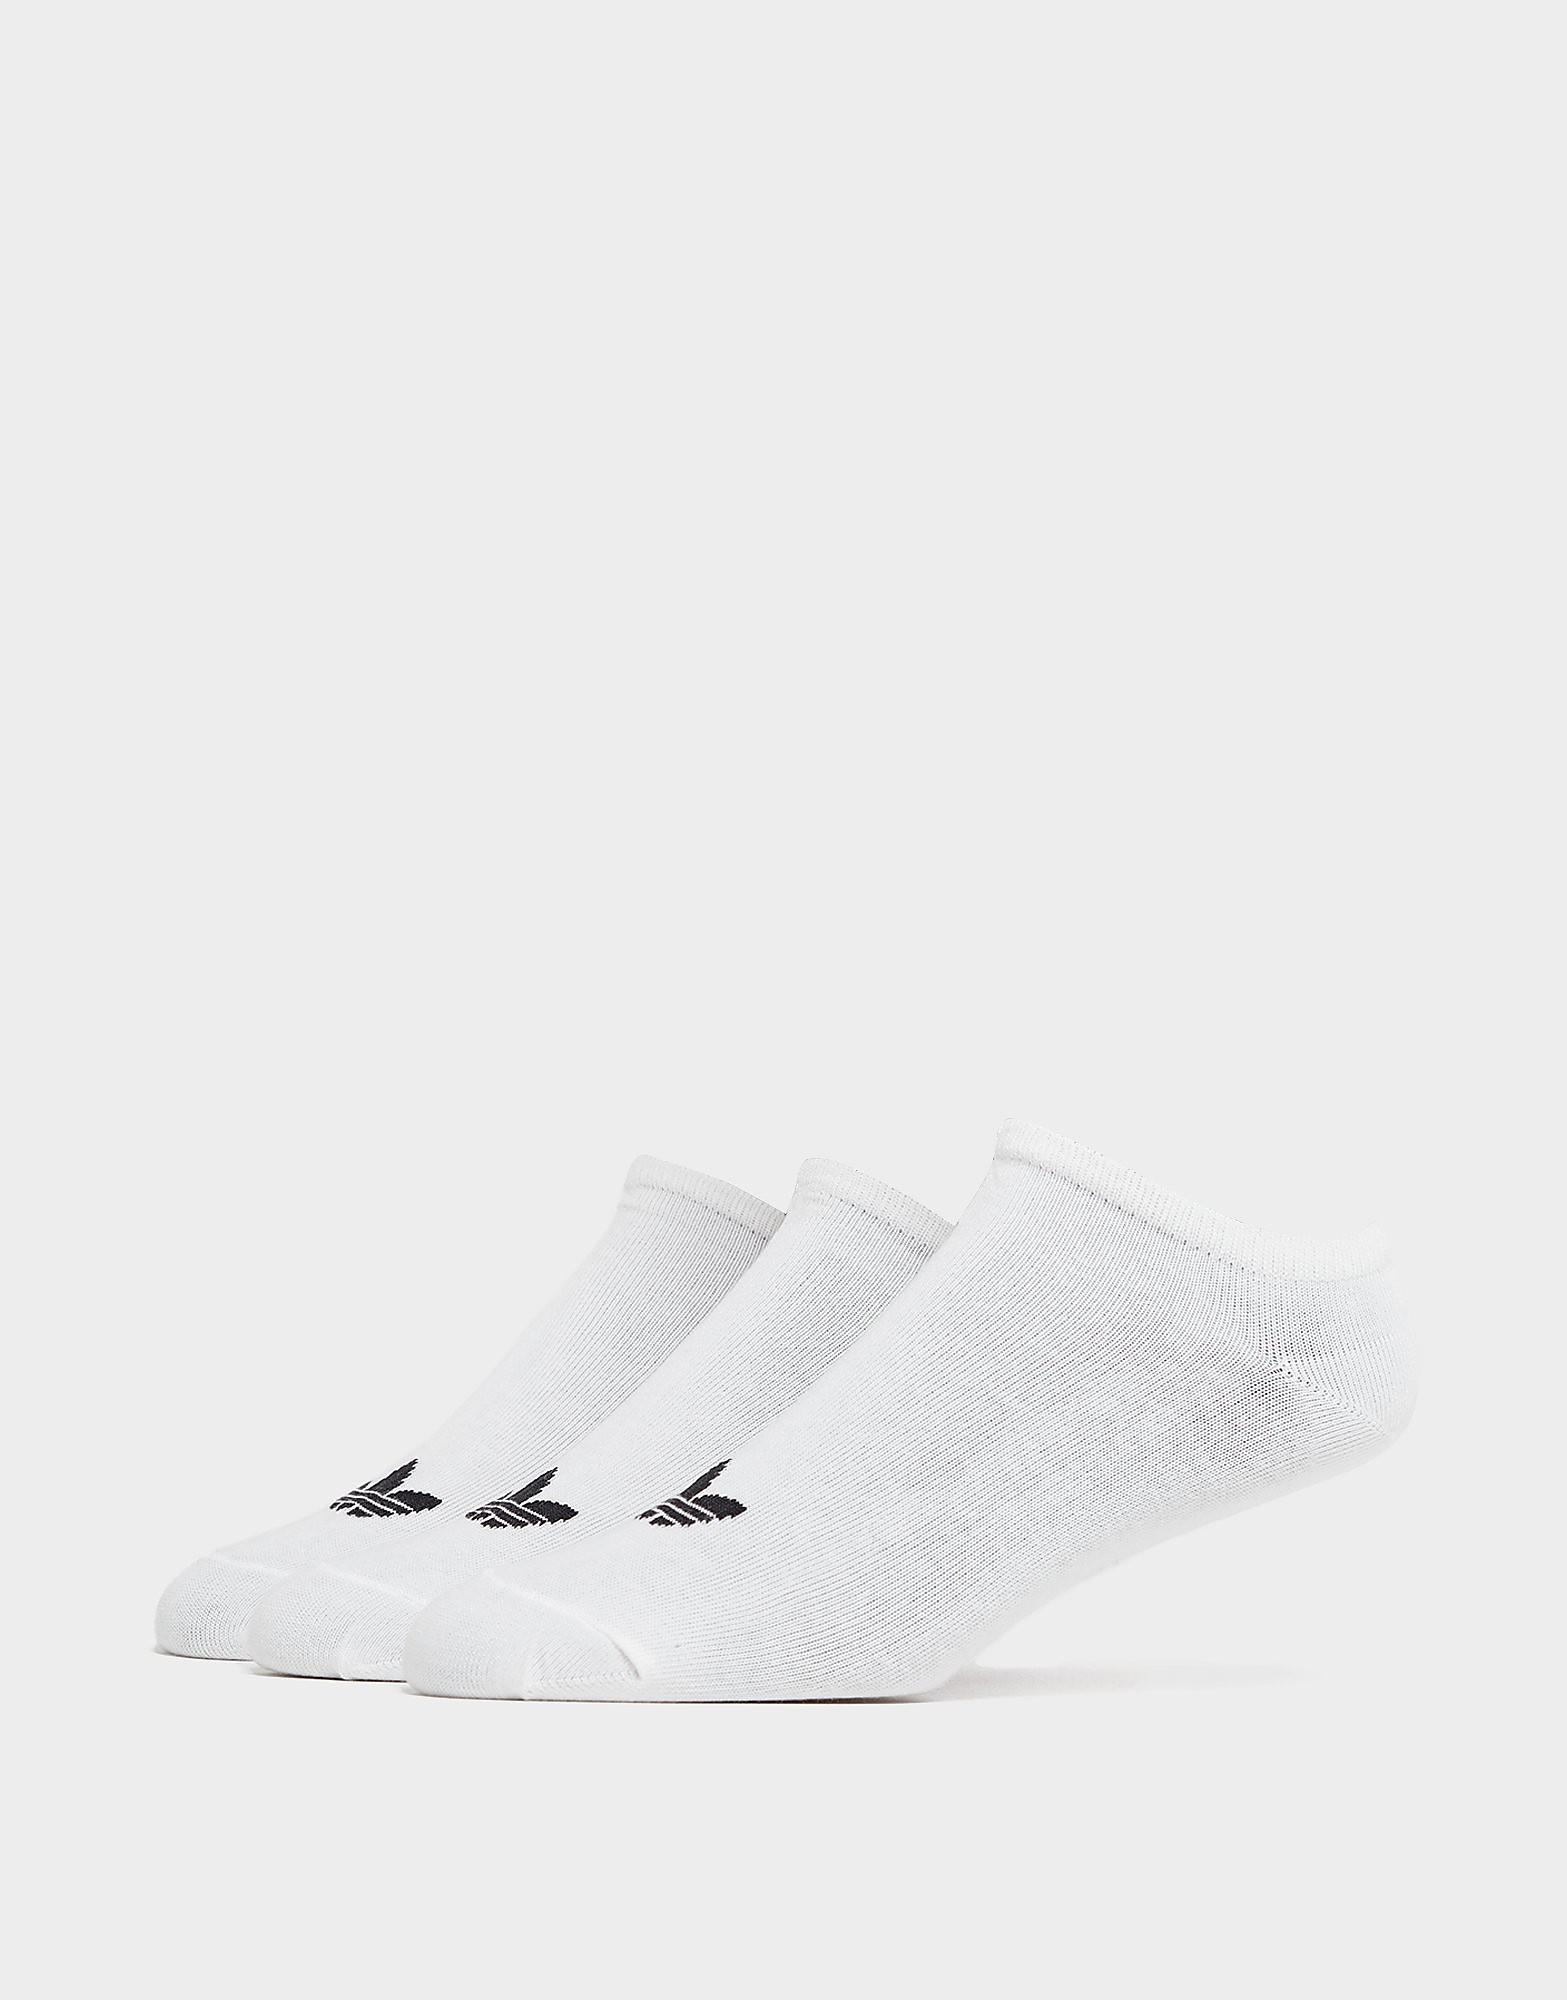 adidas Originals Driedelige set sneakersokken - Wit - Heren